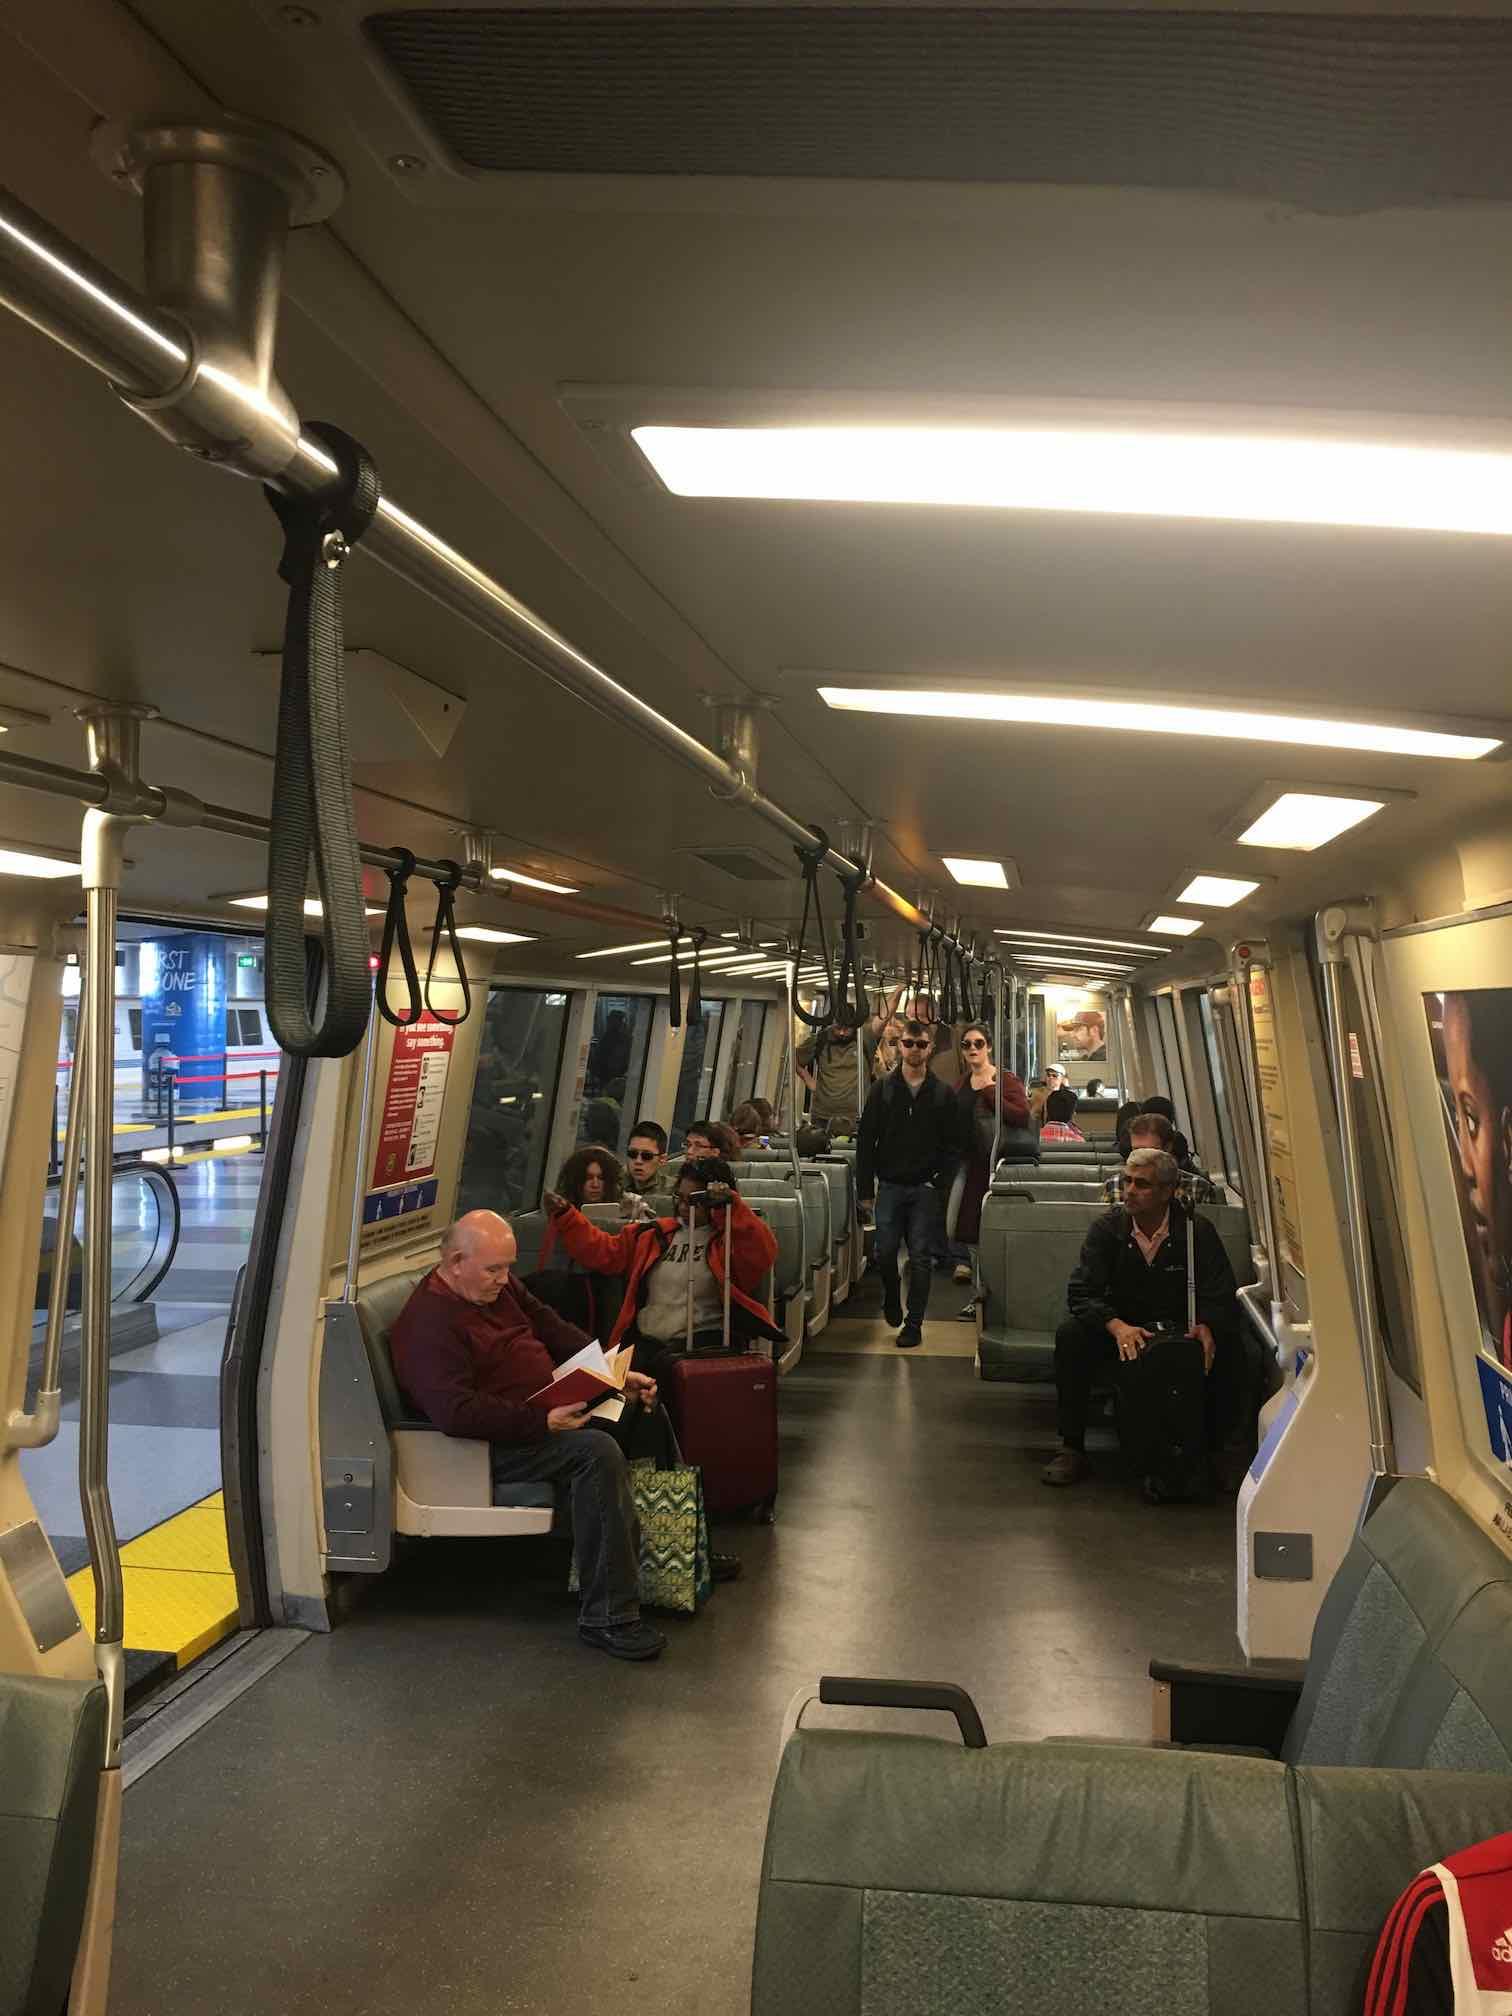 inside_train